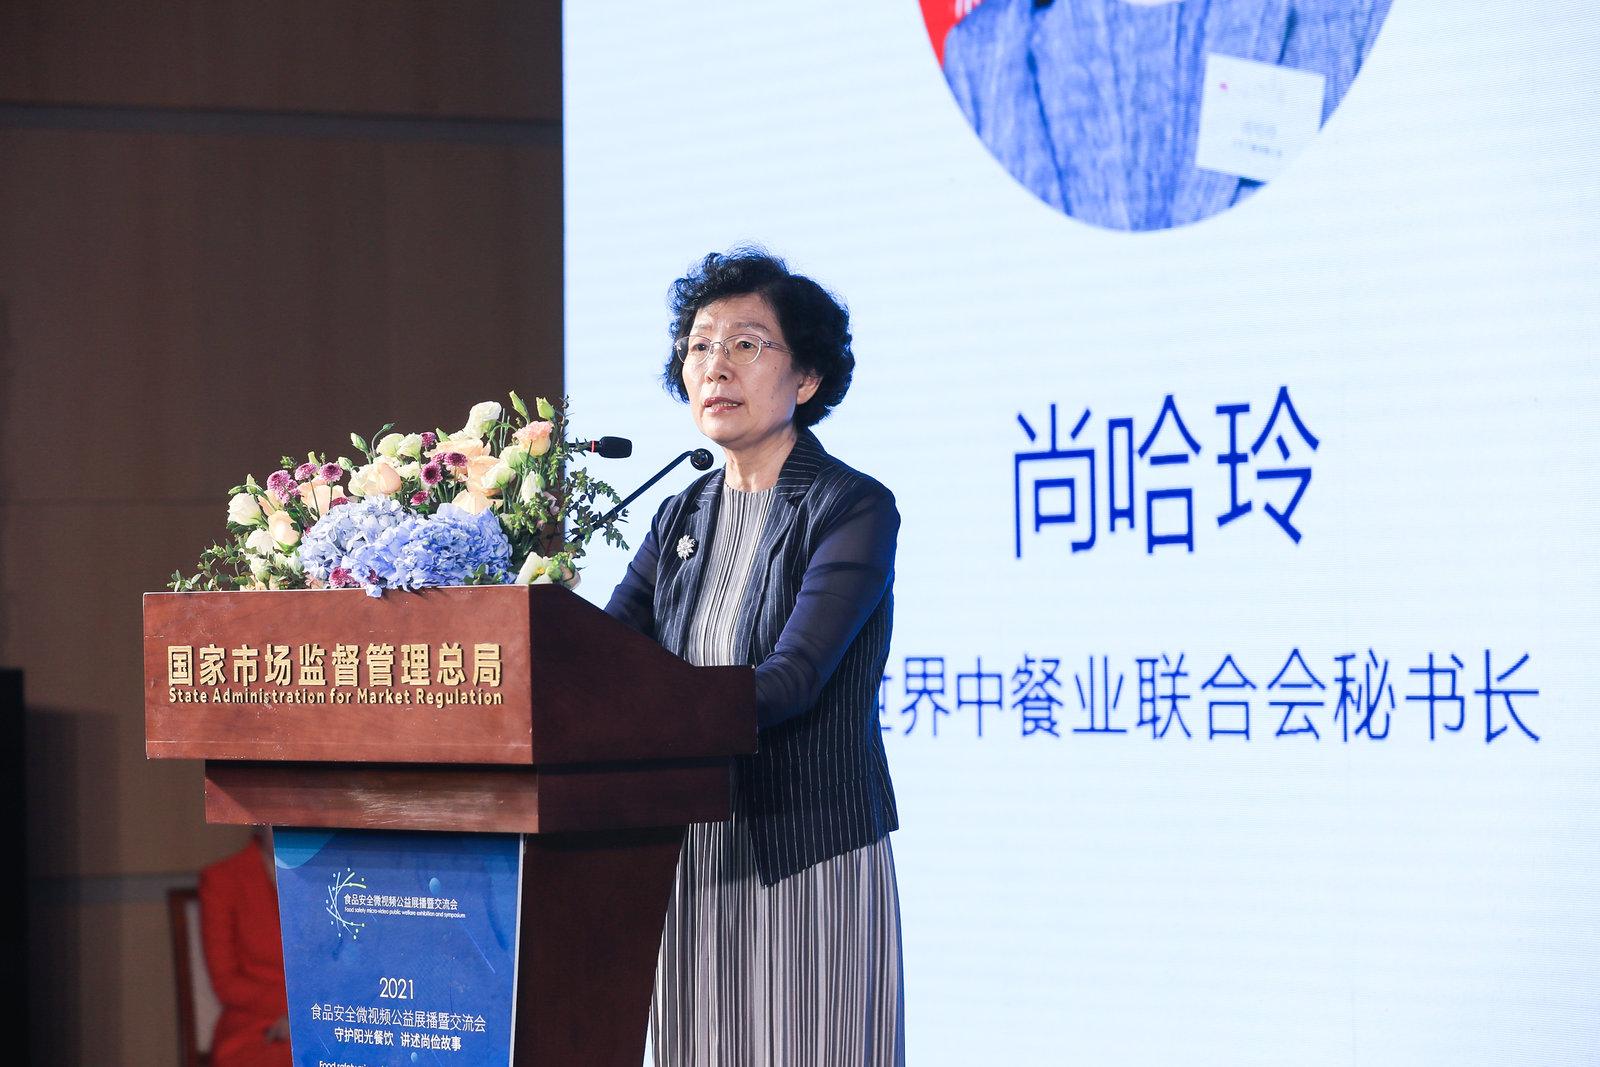 尚哈玲:微视频公益展为餐饮业高质量发展赋能